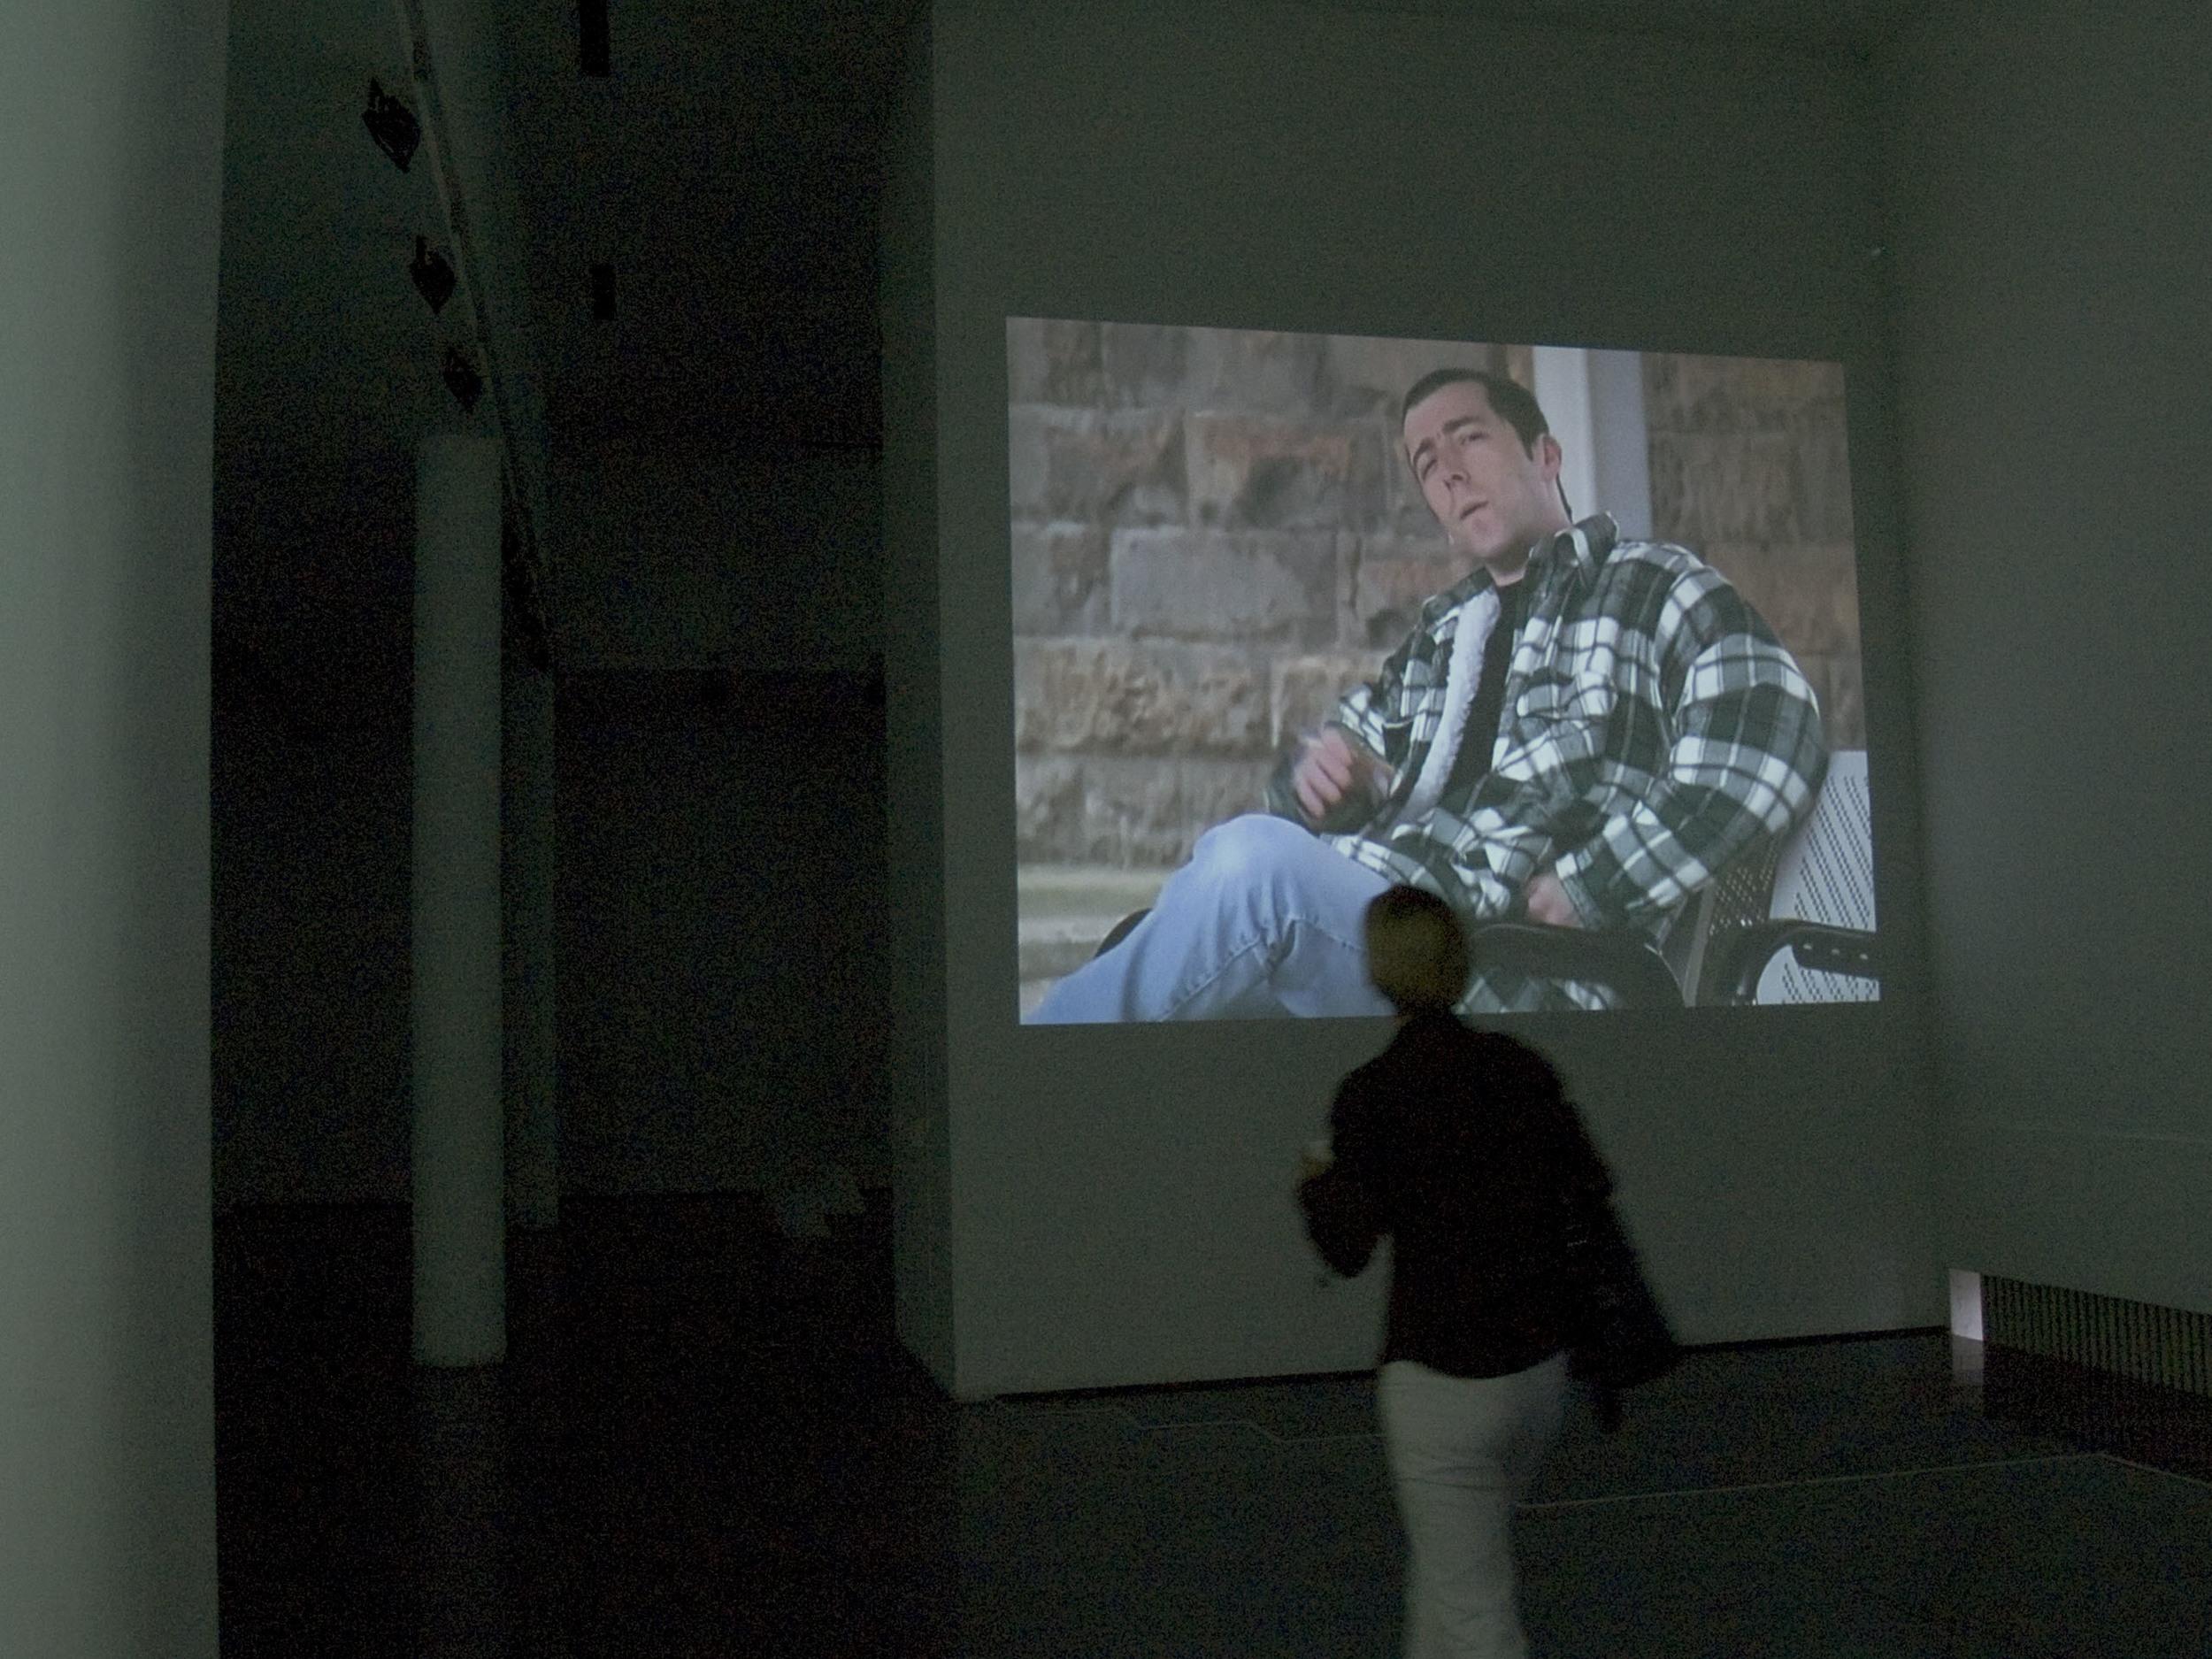 The one I think I am..., Cities Re-imagened, Norsk Film og Videokunst, Museum of Contemporary Art Vojdovena, Novi Sad, Serbia, 2010